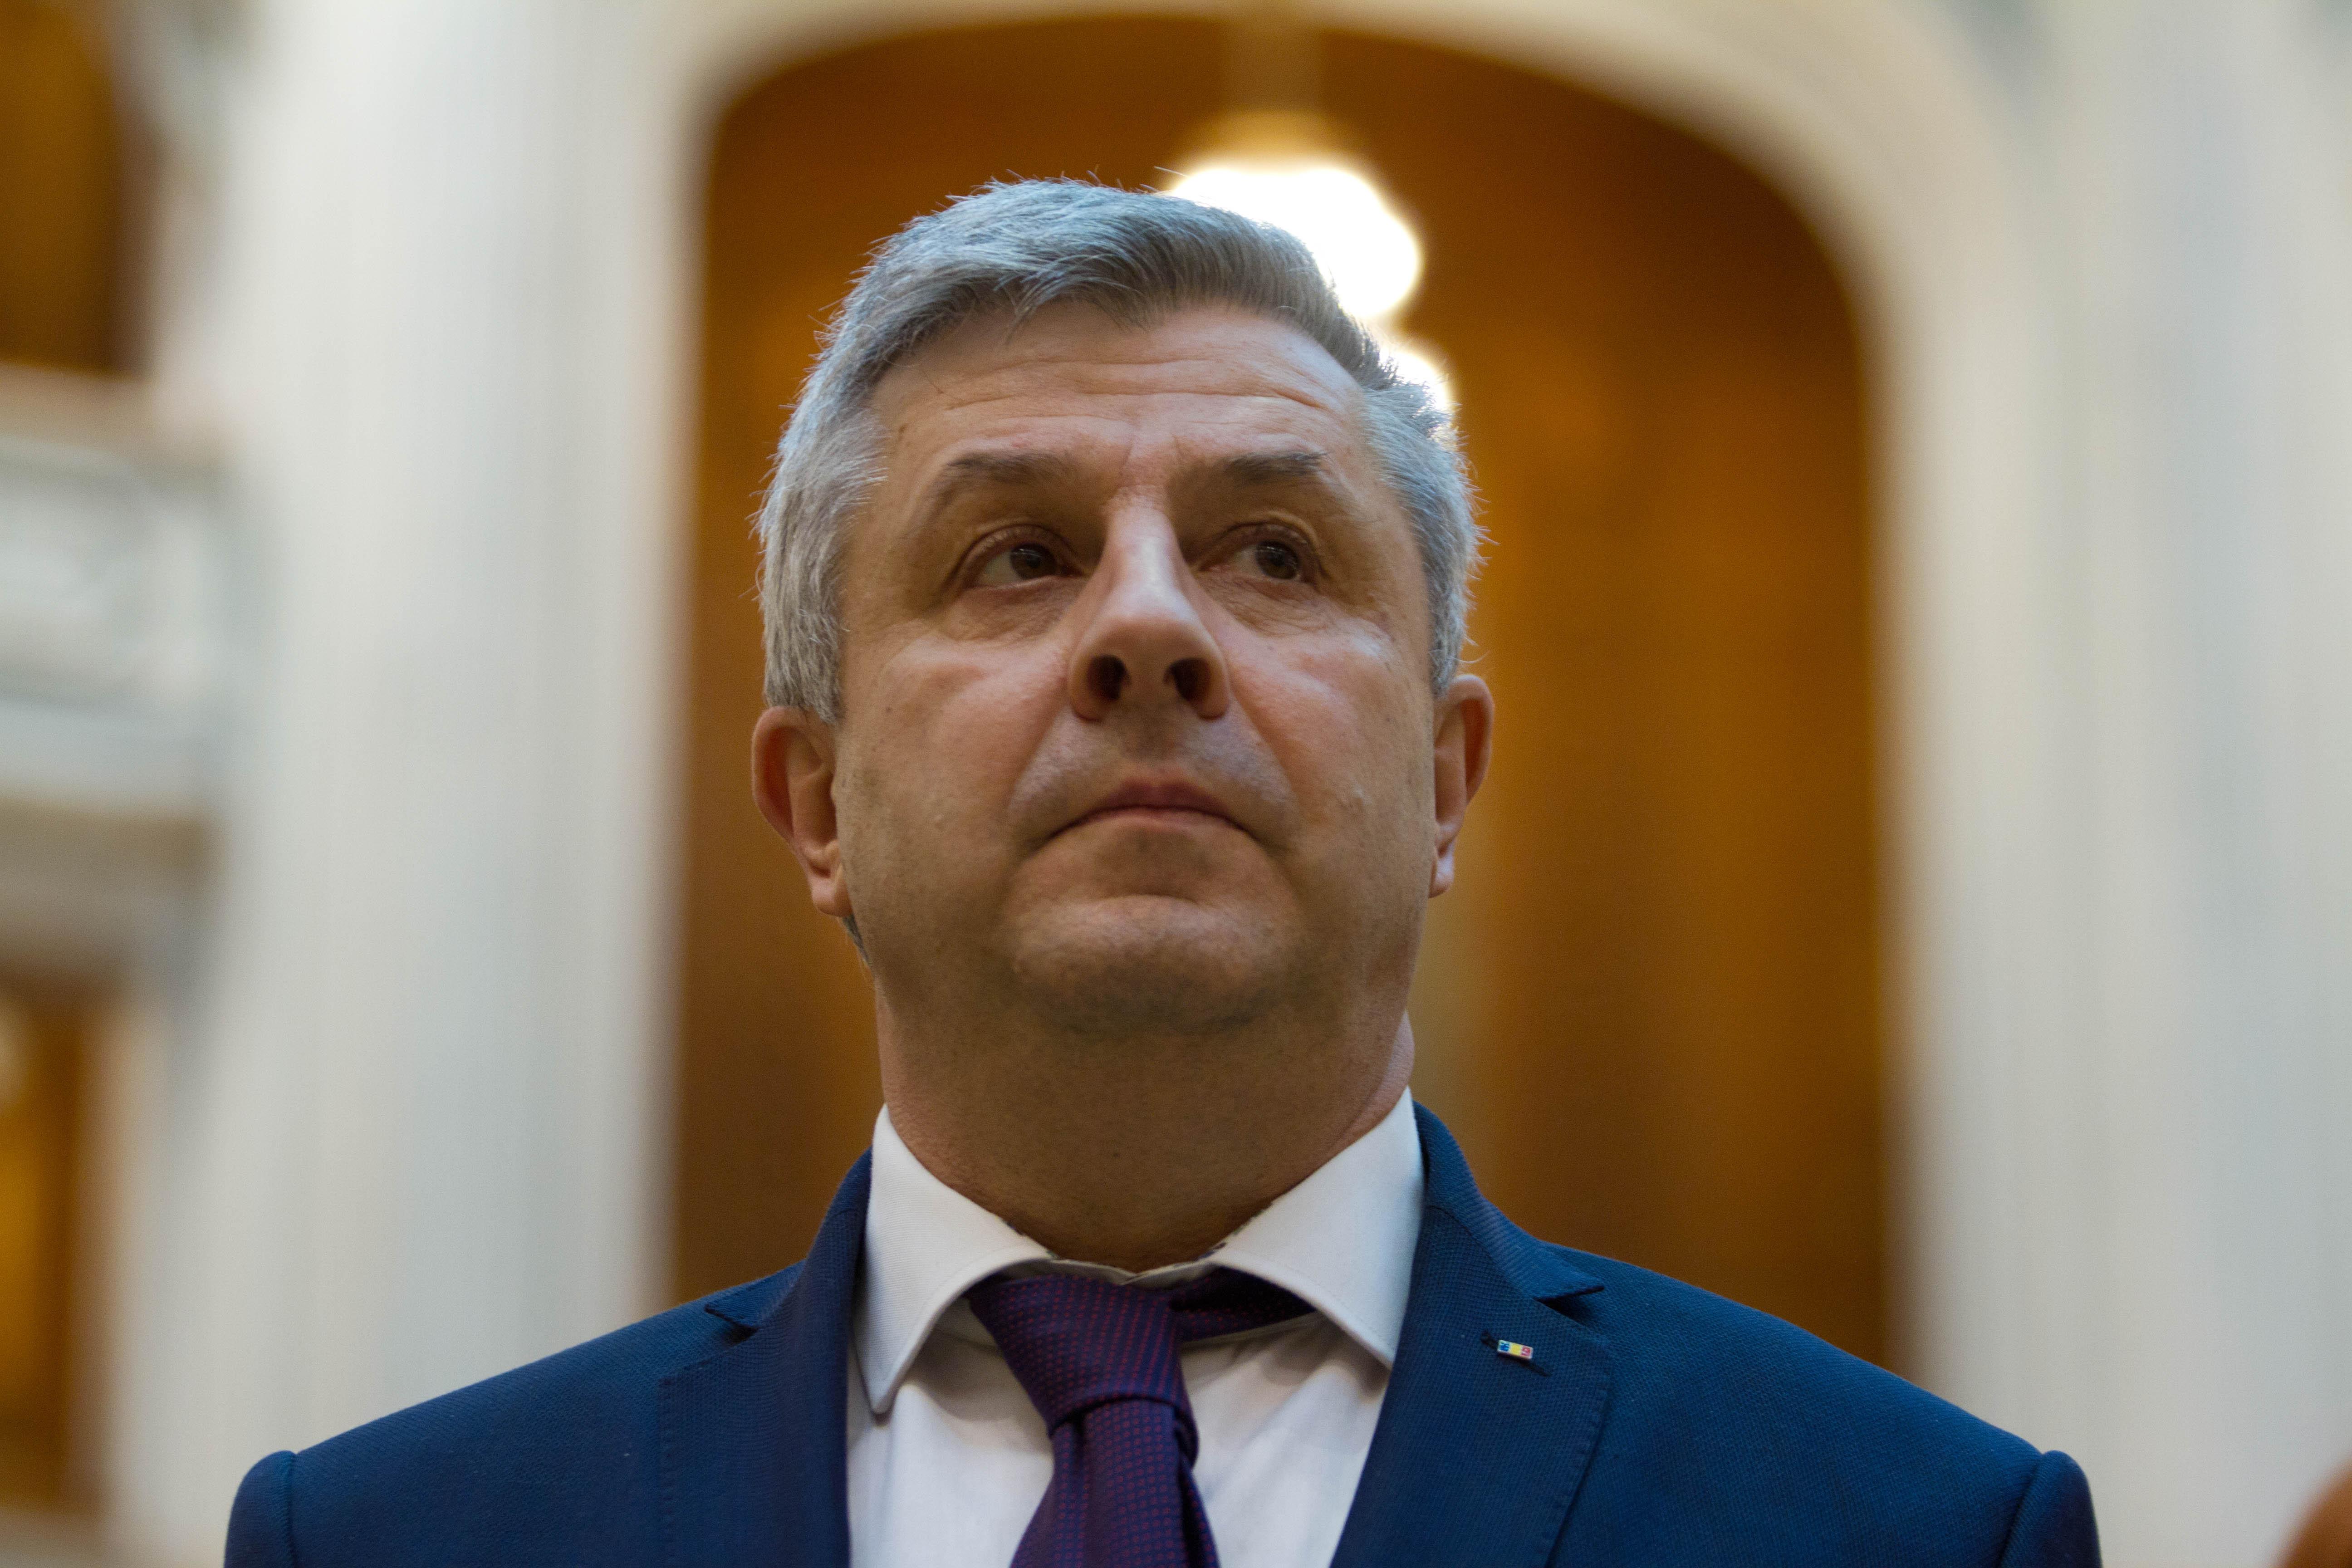 Legile Justiţiei: Comisia Iordache reia dezbaterile la proiectul care modifică Legea organizării judiciare/ Rădulescu (PSD), lui Stelian Ion (USR): `Ne abuzezi, pleacă! Vrei să te sinucizi? `